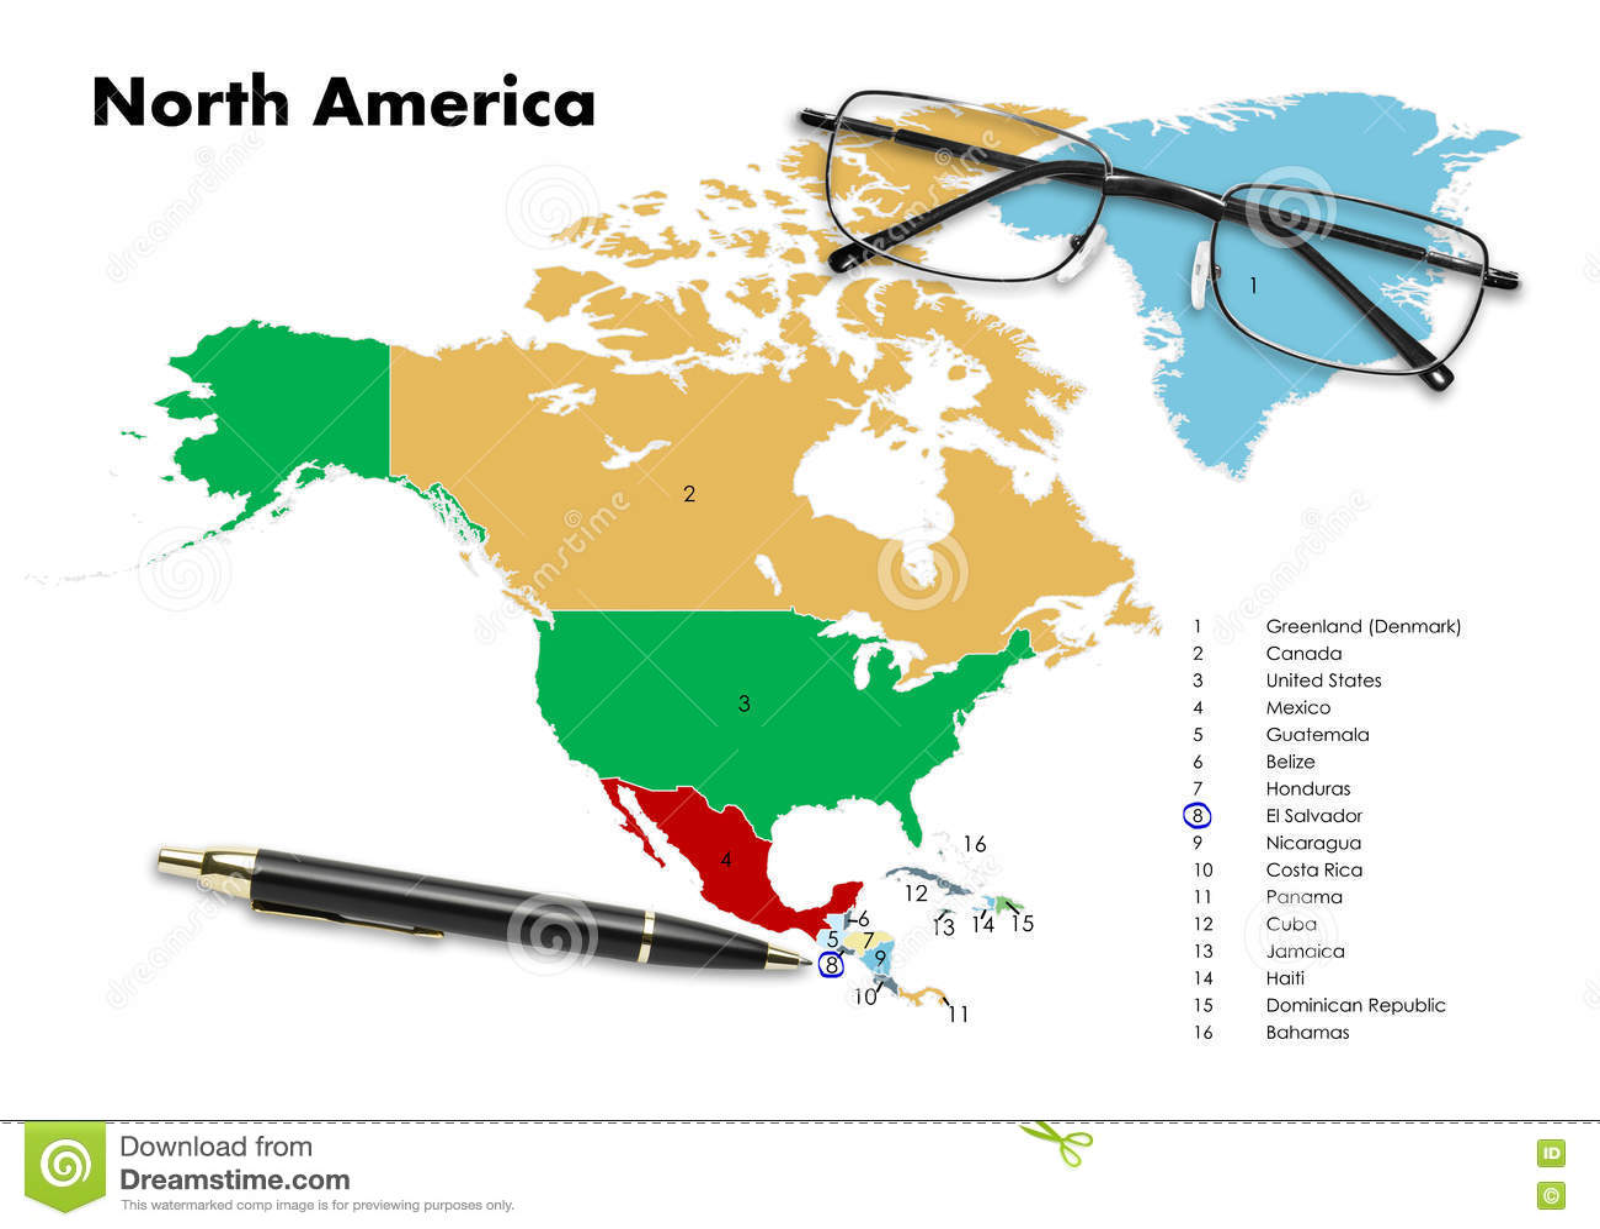 El Salvador On North America Map Stock Image Image - North america map el salvador